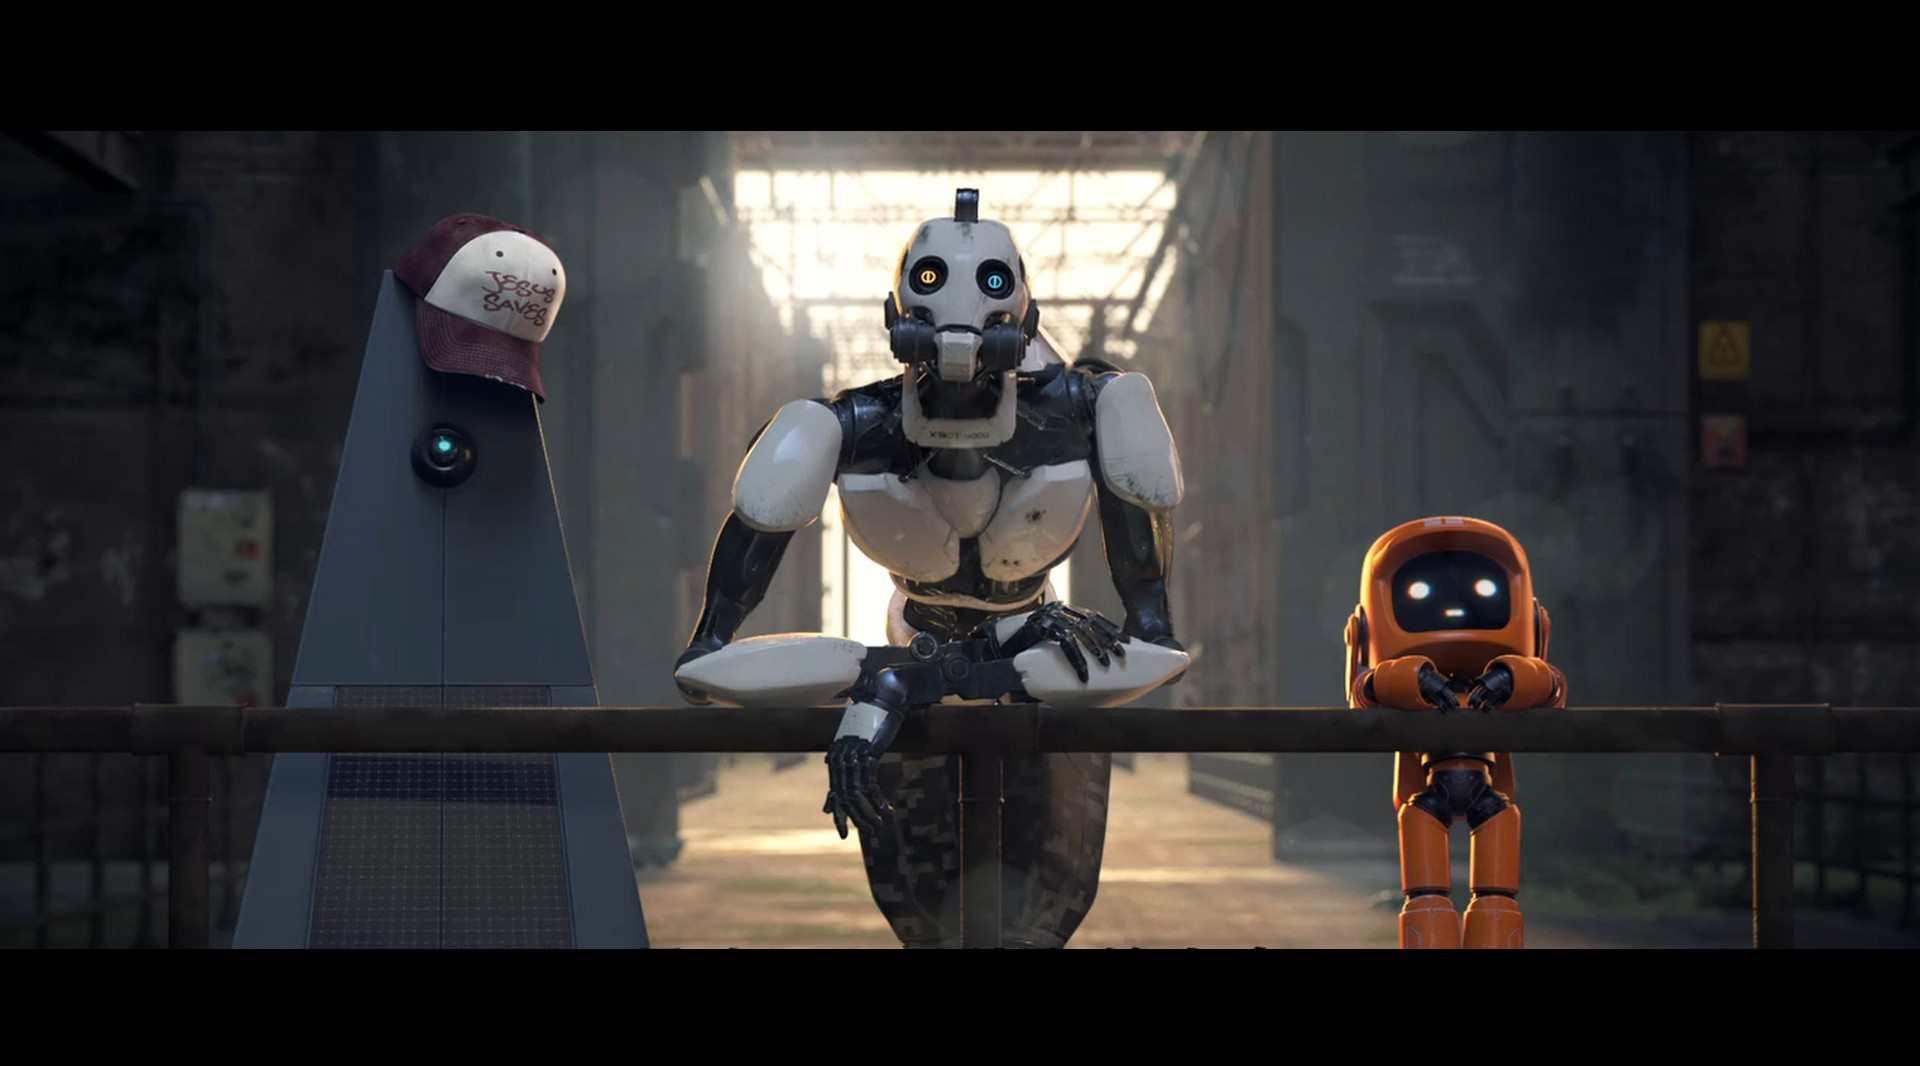 《爱,死亡和机器人》混剪:视觉盛宴,思想荒原